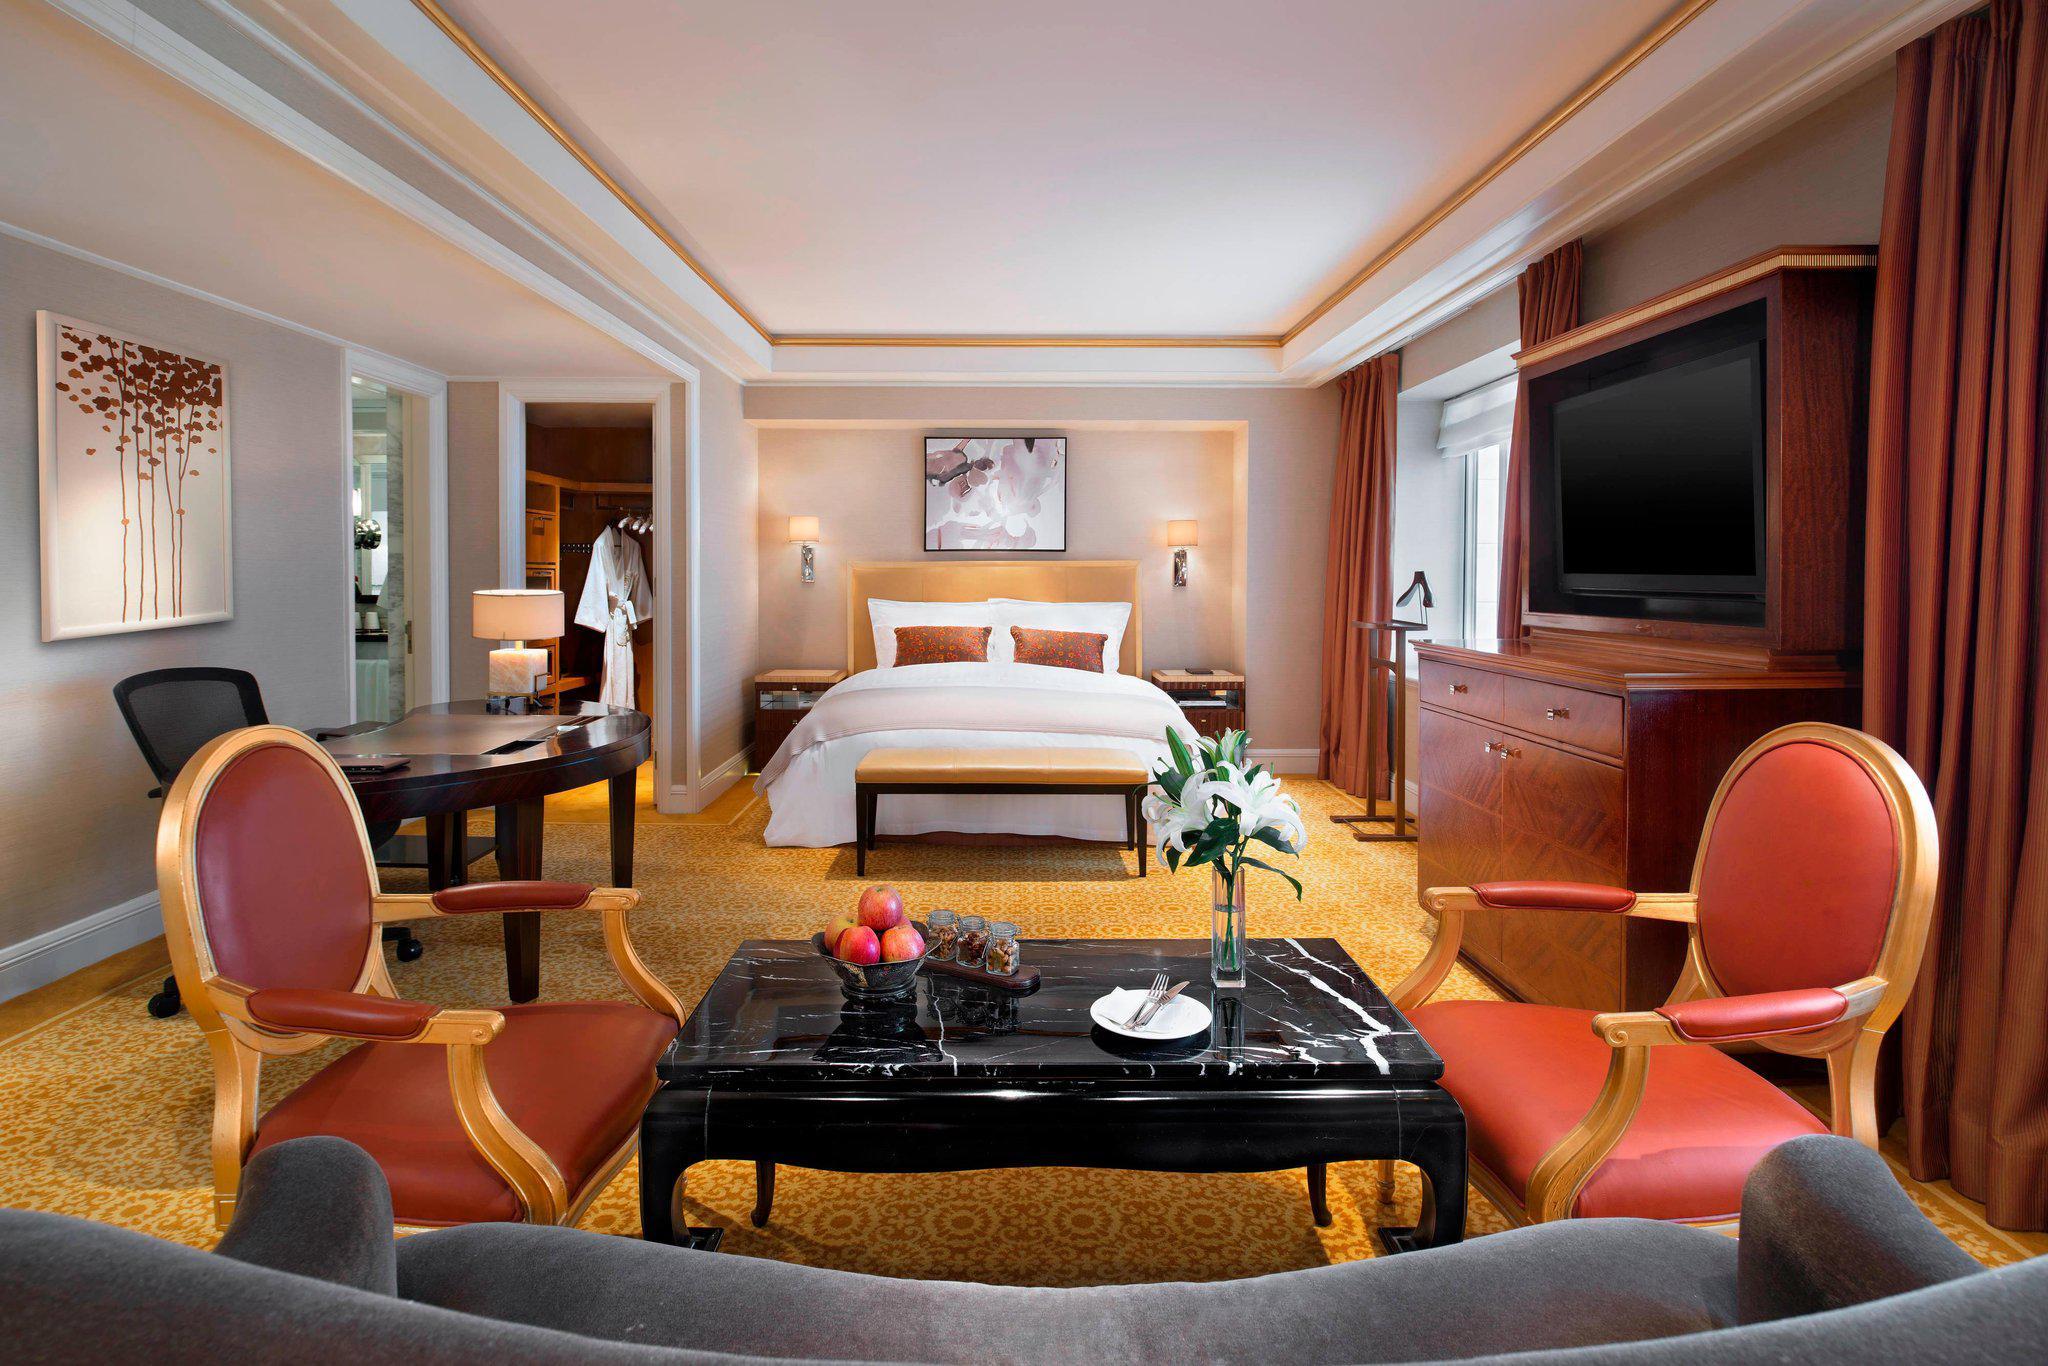 The St. Regis Beijing